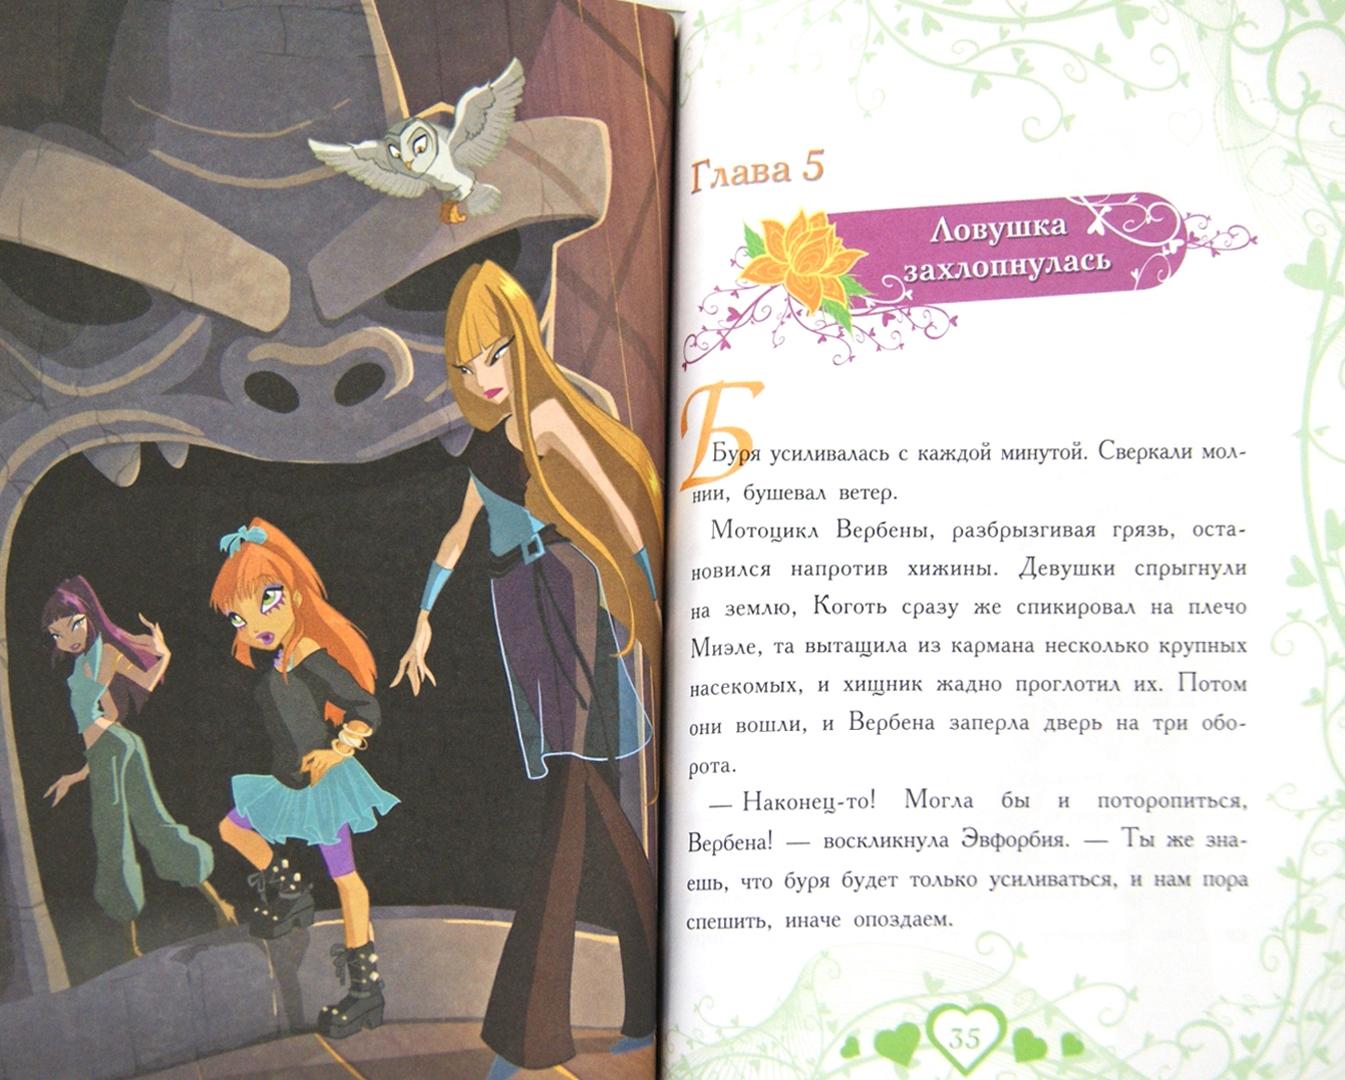 Иллюстрация 1 из 3 для Моя чудесная сестра. Winx Club | Лабиринт - книги. Источник: Лабиринт